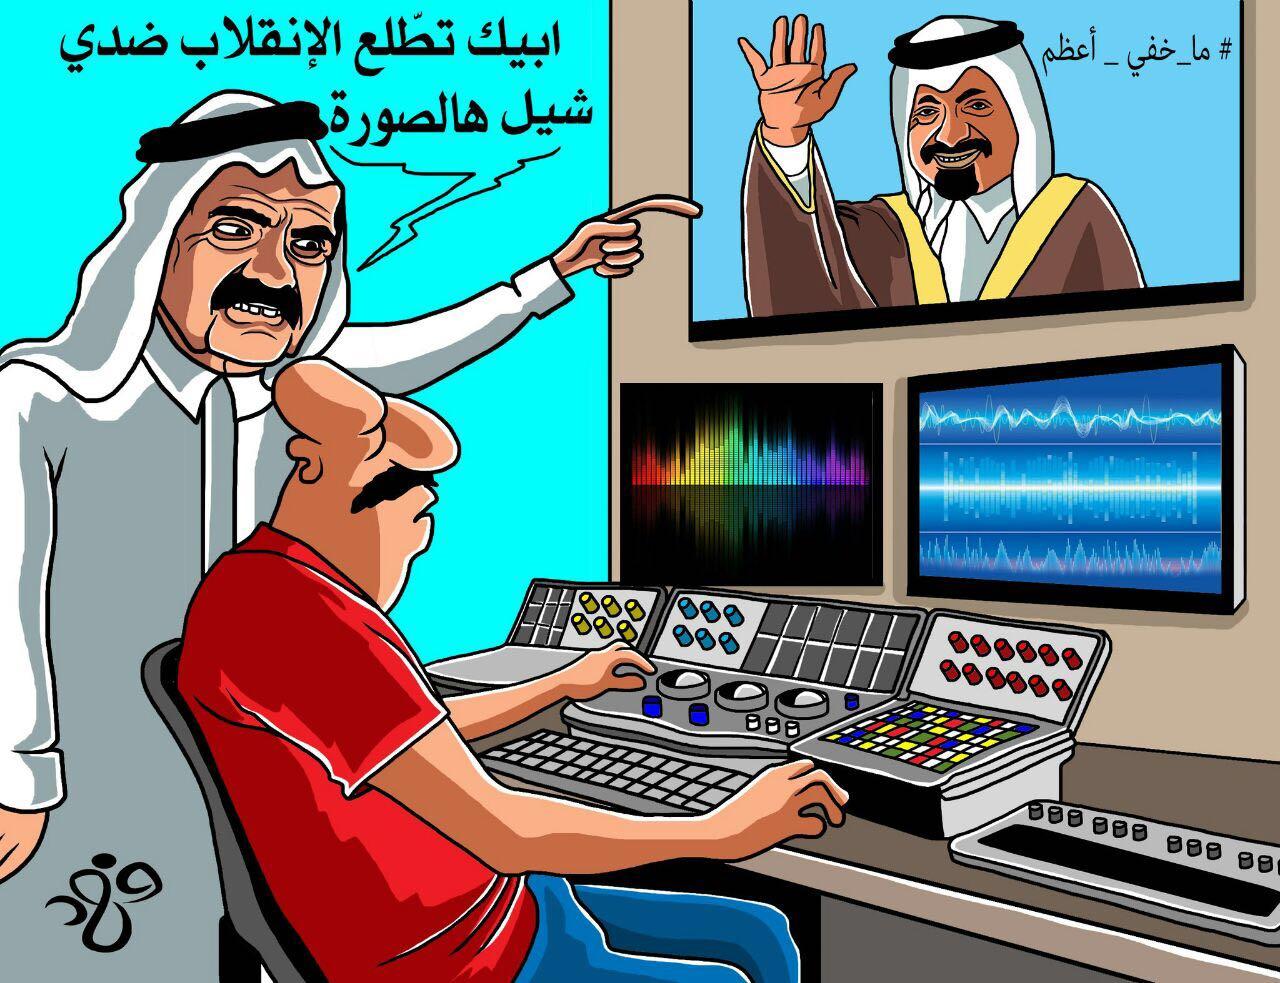 قطر تطبع مع إسرائيل والجزيرة تلمع